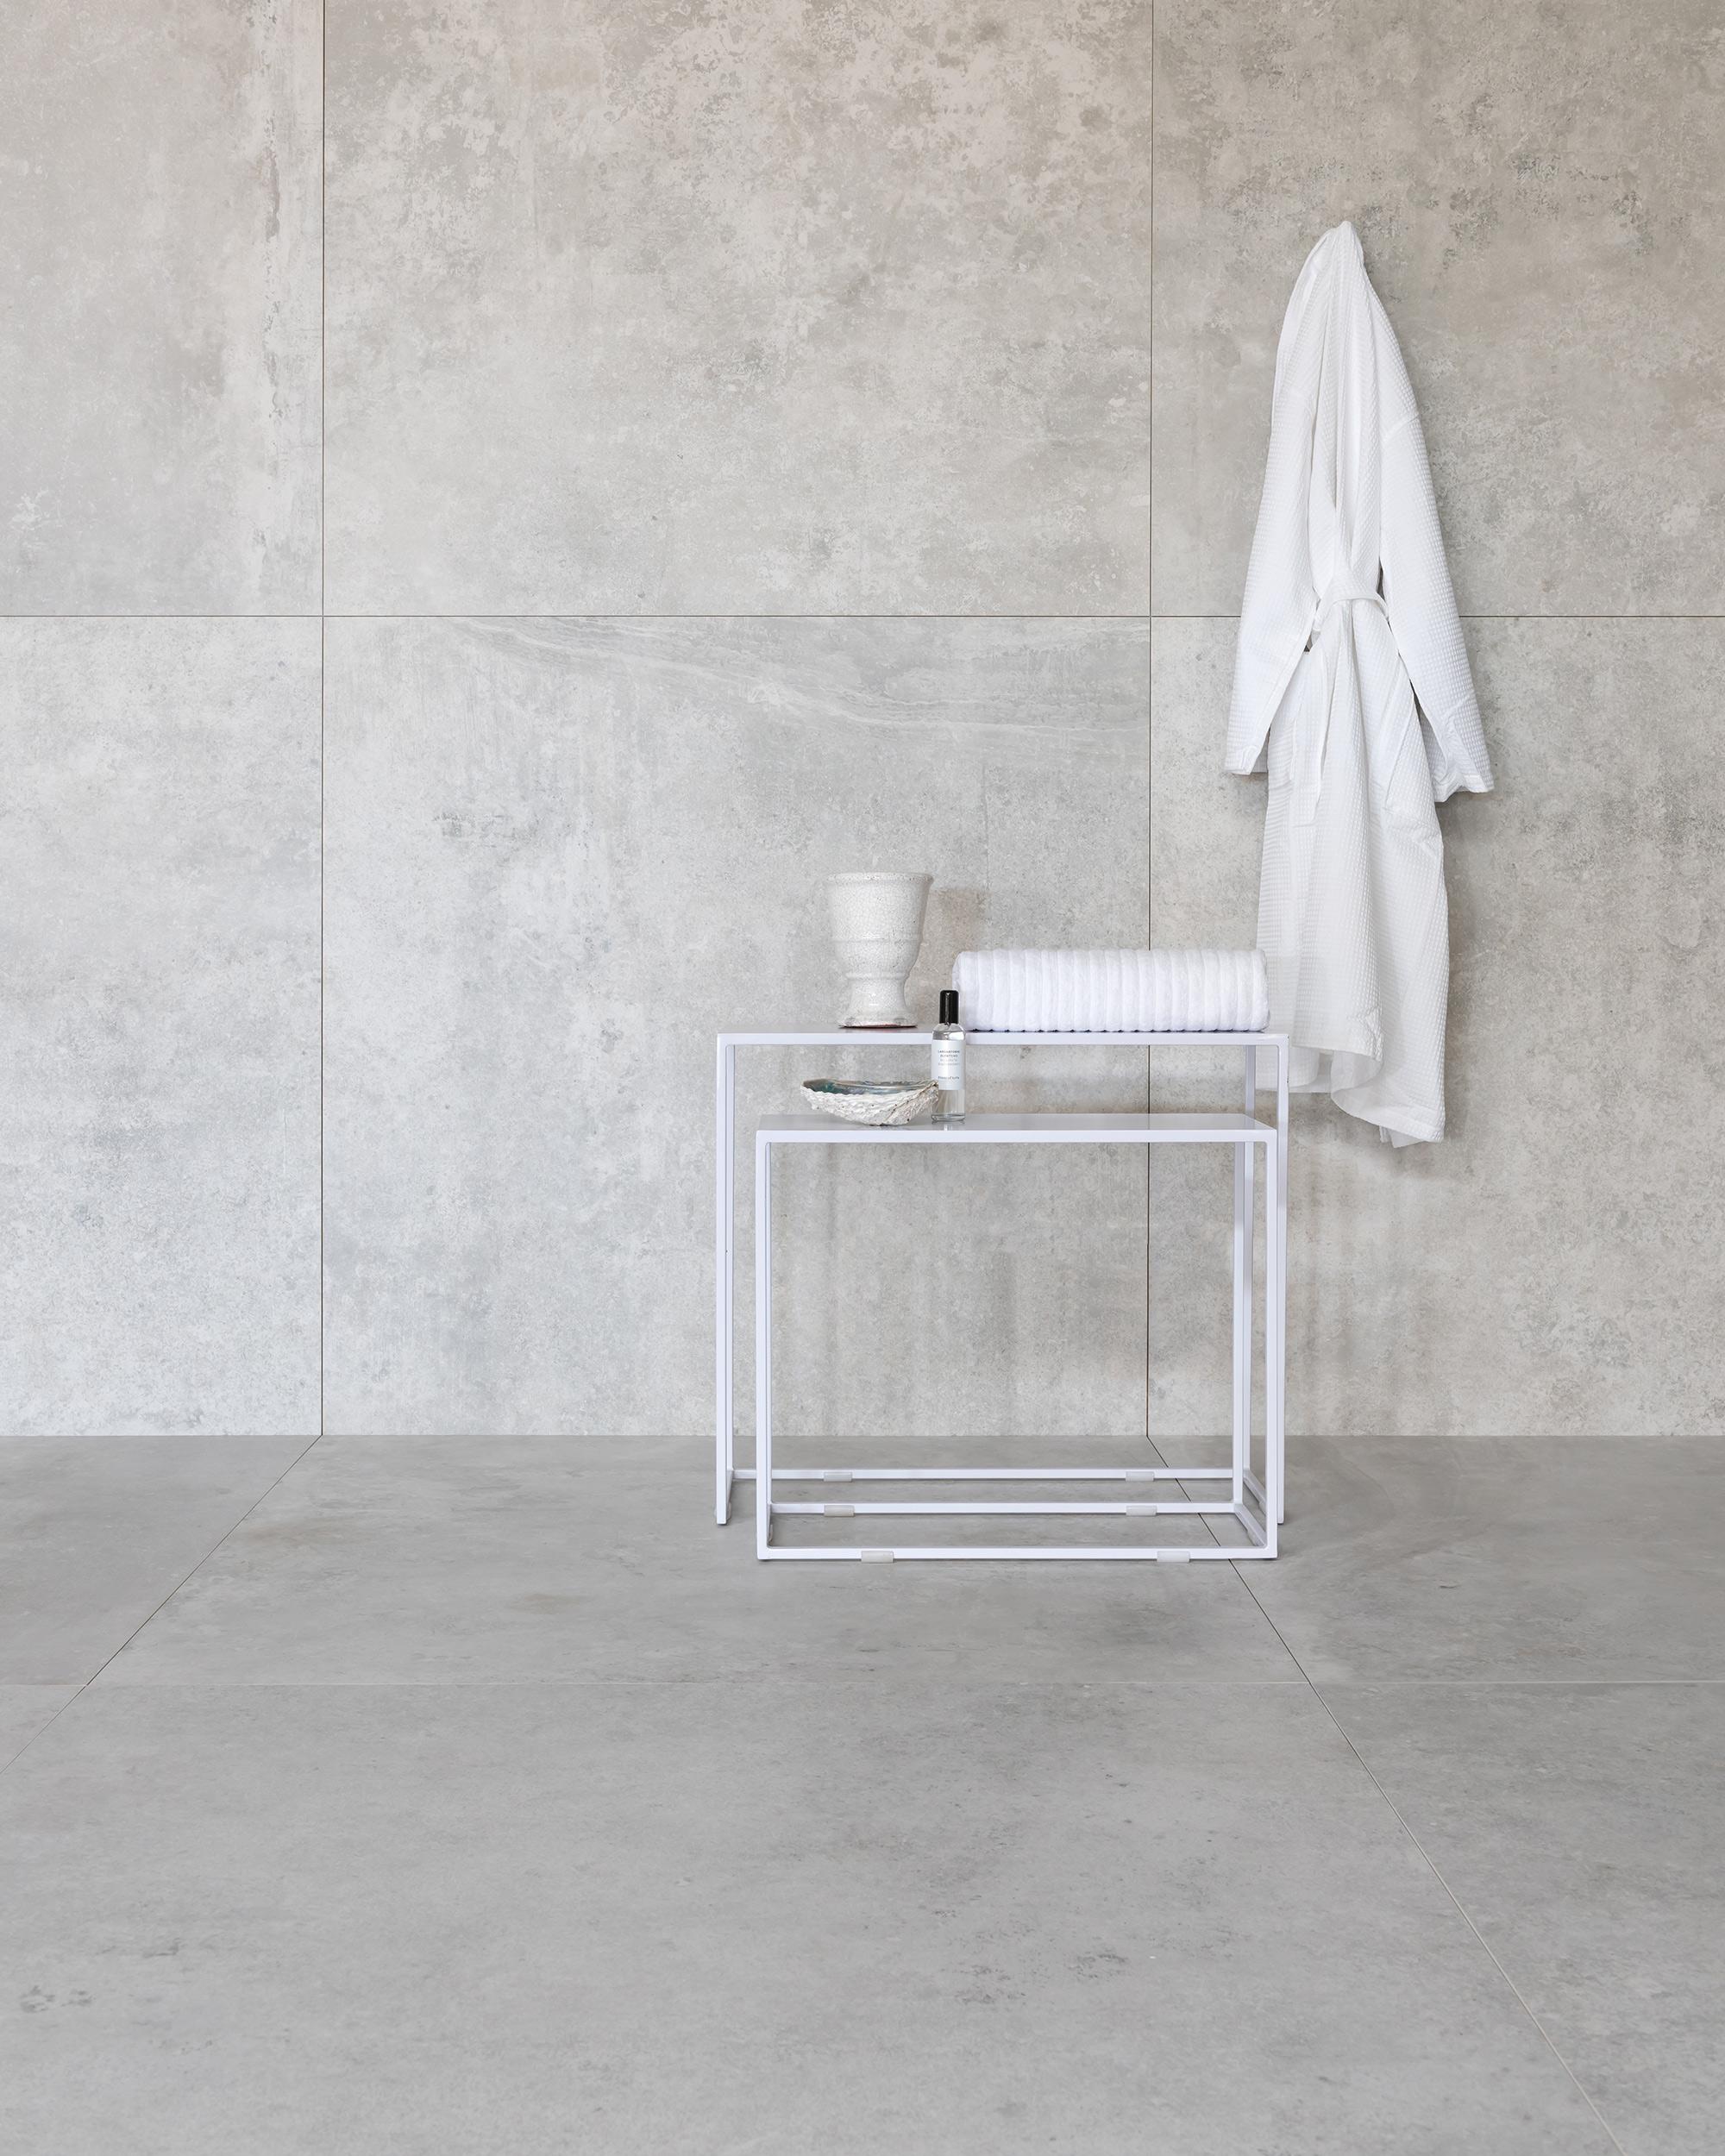 Giant tile white Piet Boon